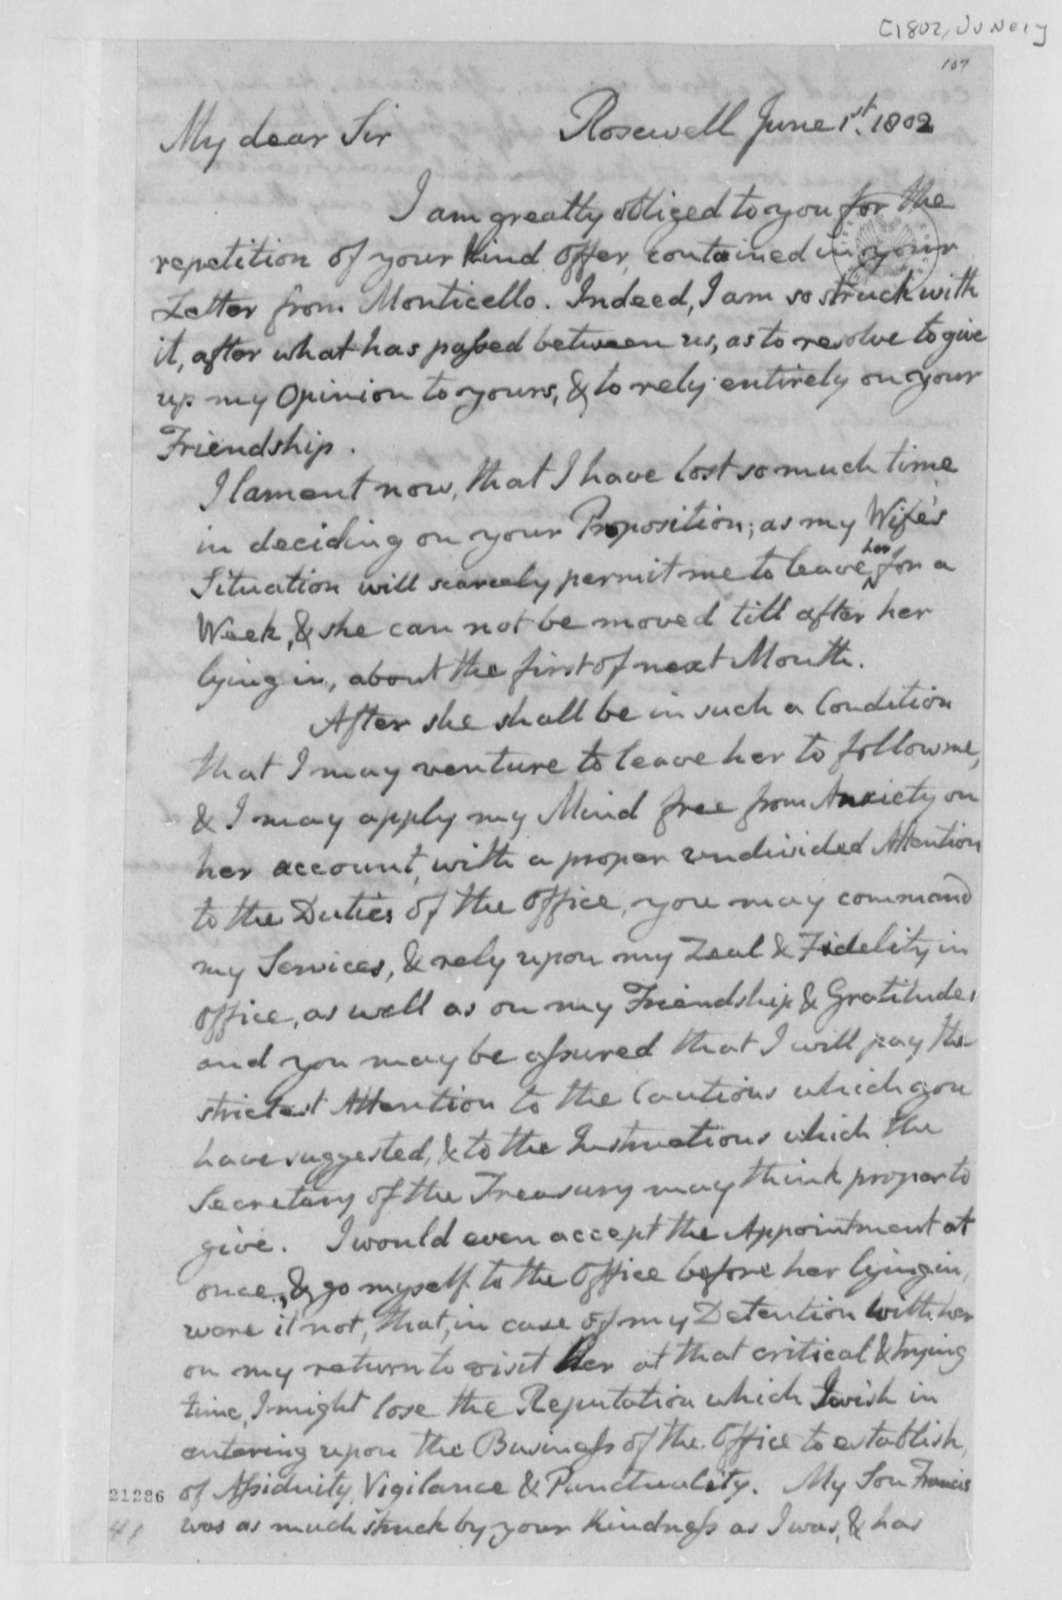 John Page to Thomas Jefferson, June 1, 1802